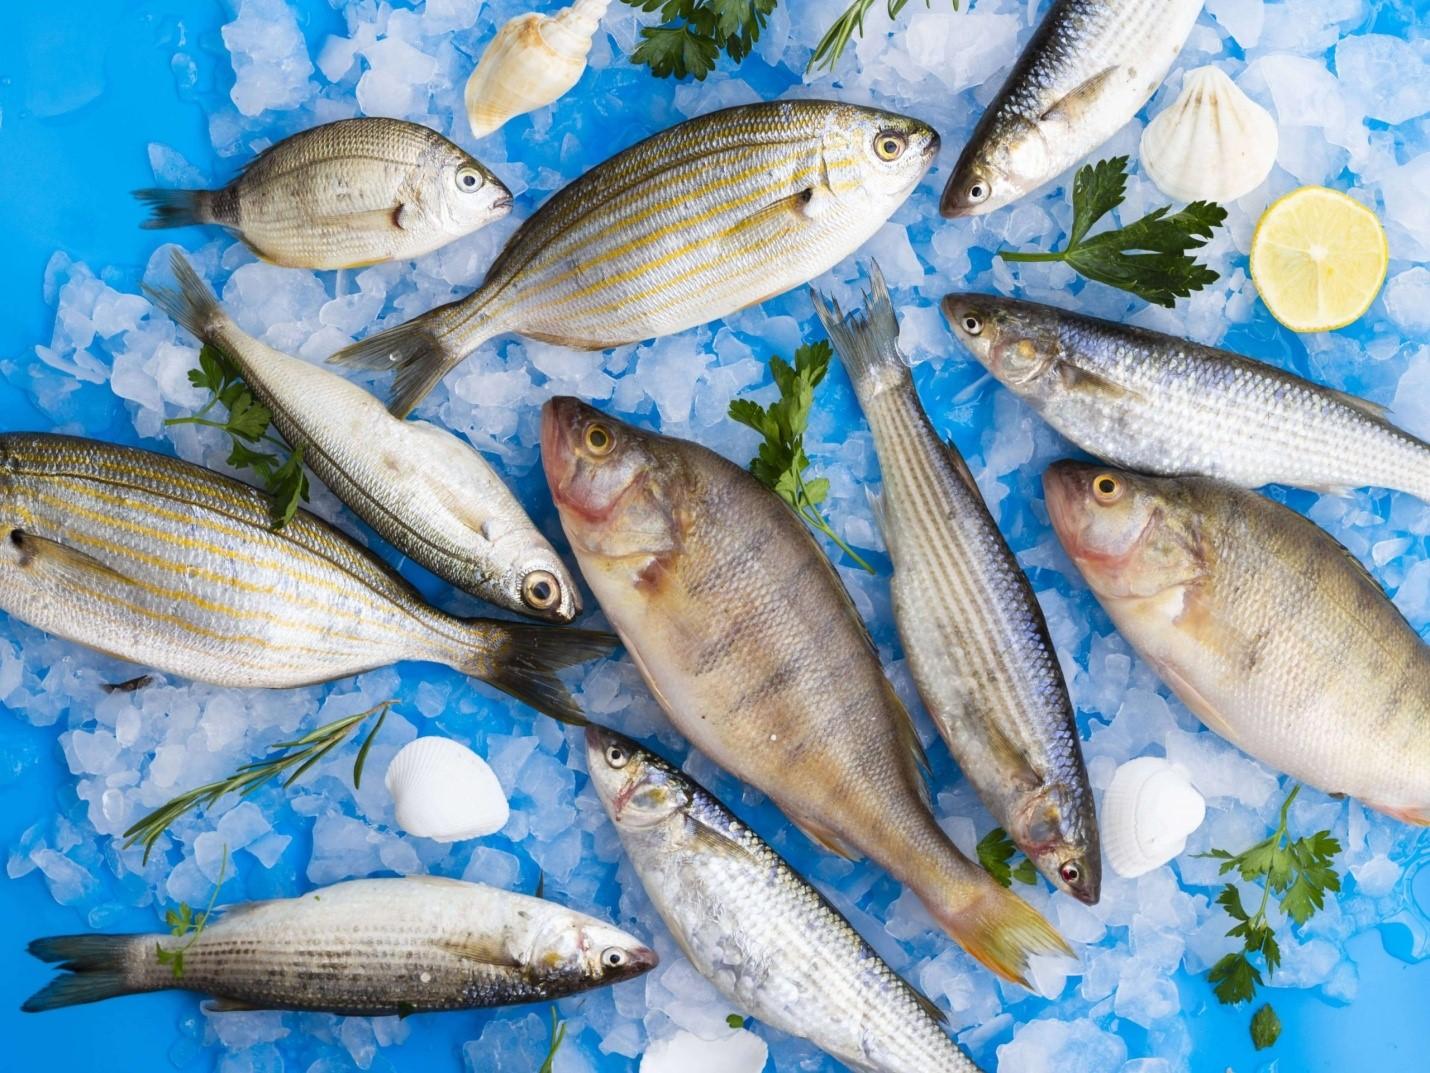 فروش ماهی جنوب در تهران